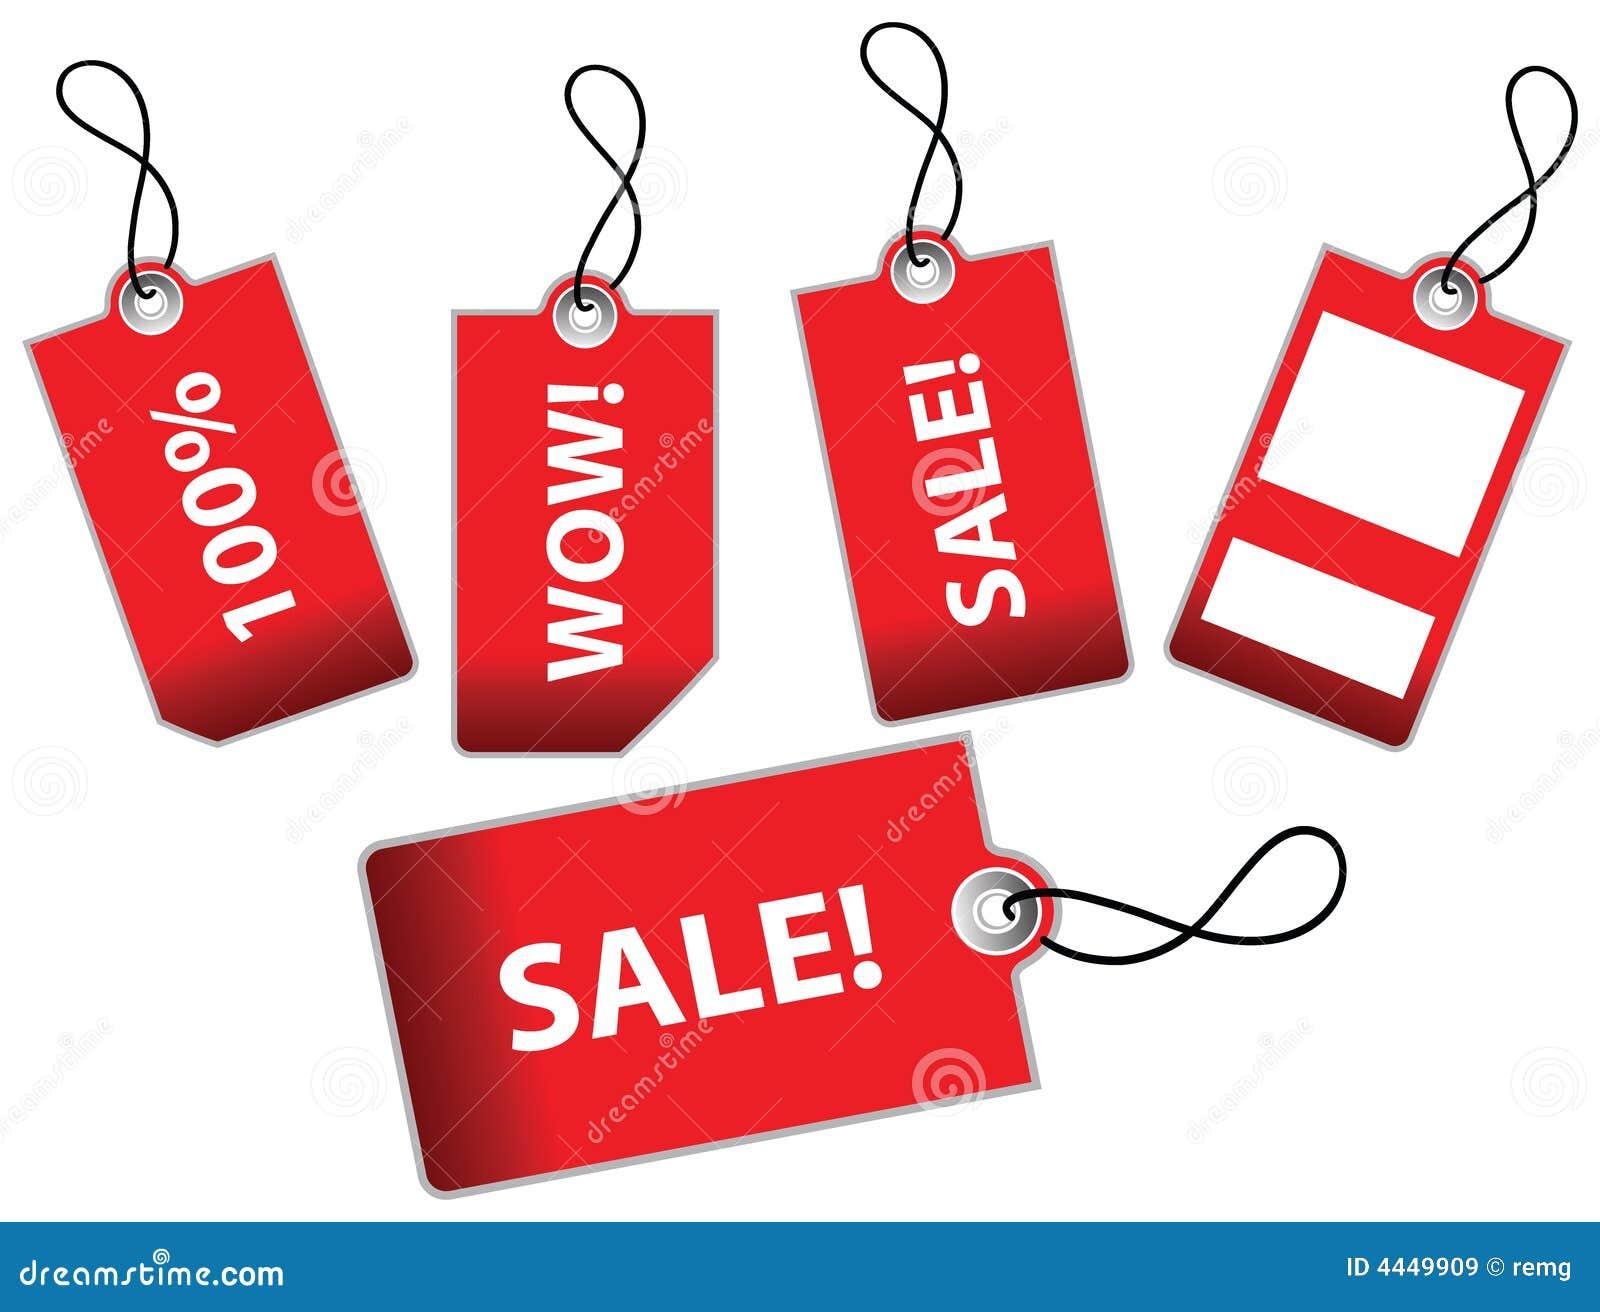 Illustrazione di vettore dei contrassegni di vendita